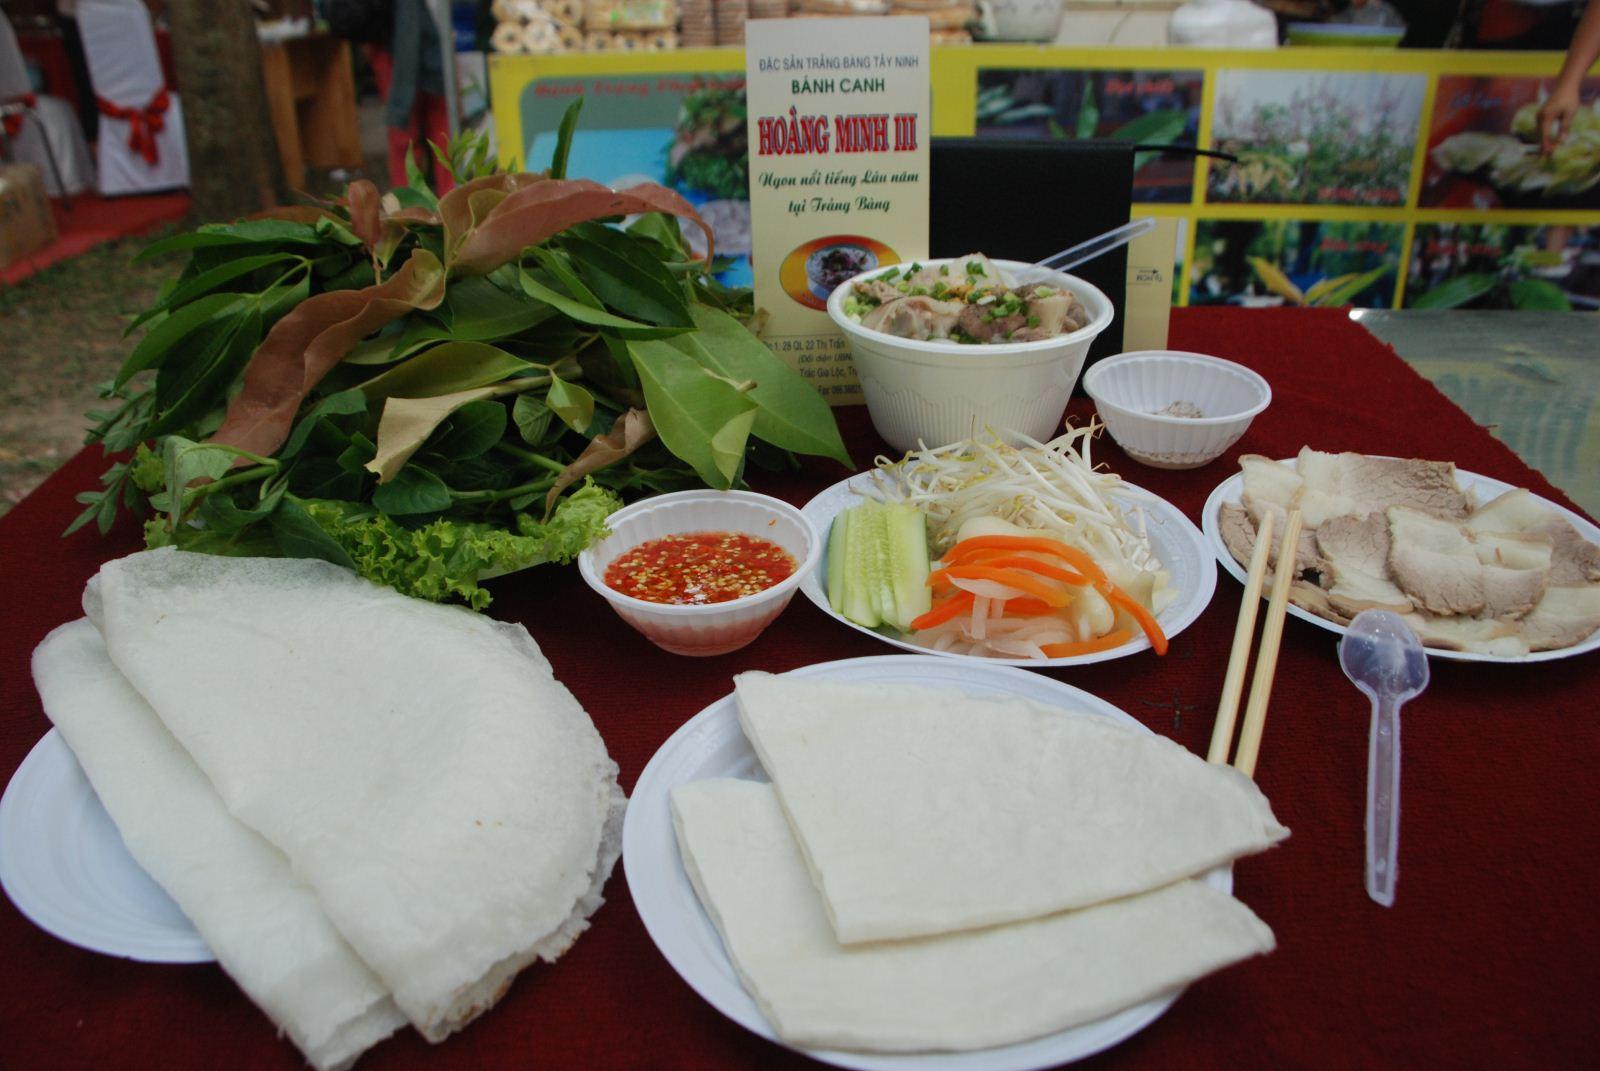 Bánh tráng me đặc trưng không thể thiếu của Tây Ninh